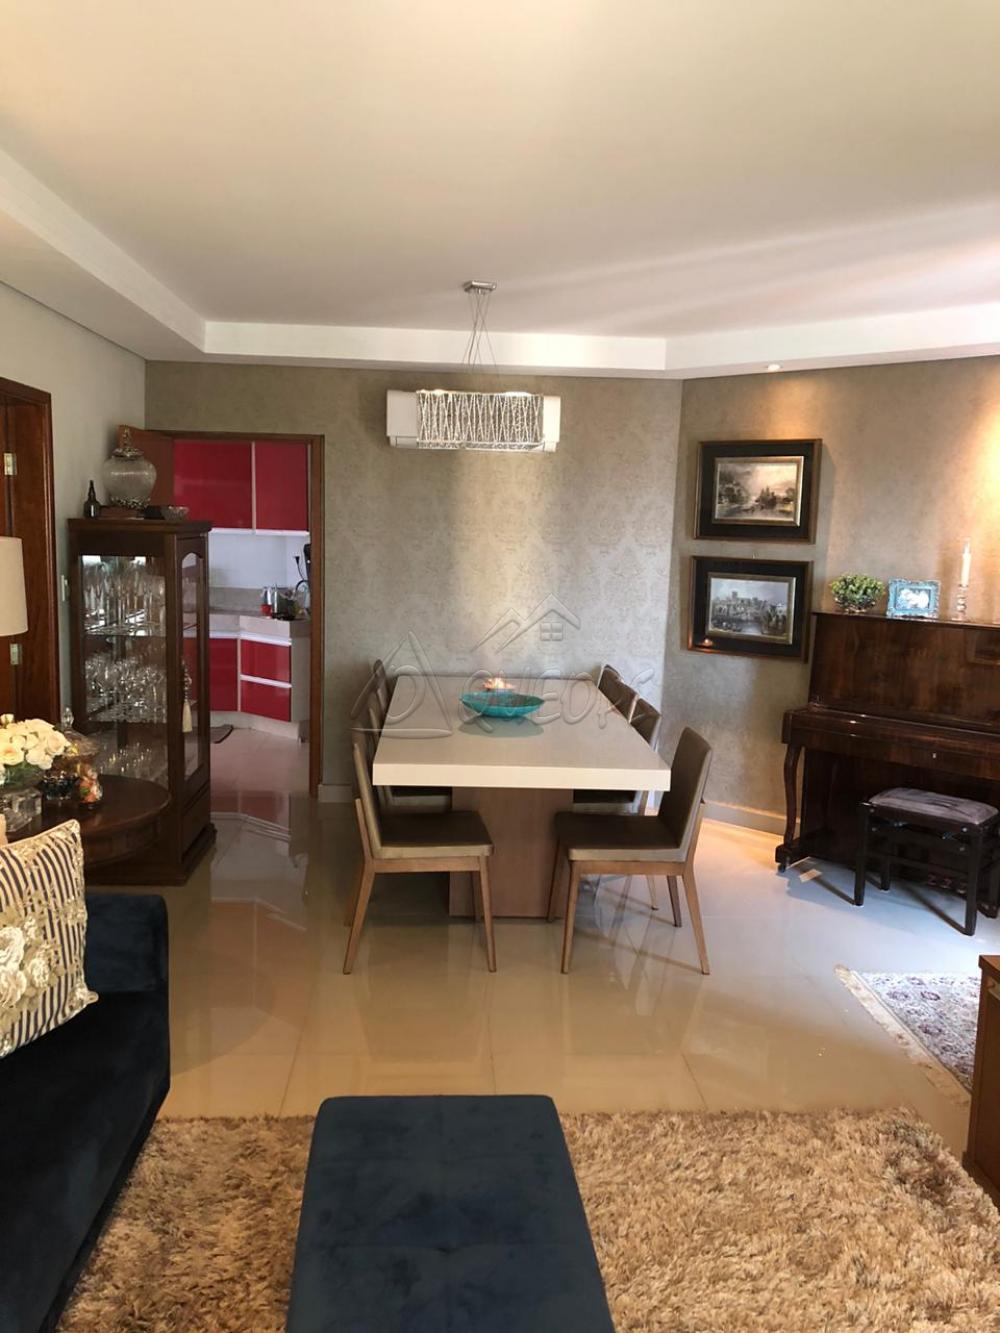 Comprar Apartamento / Padrão em Barretos apenas R$ 700.000,00 - Foto 10